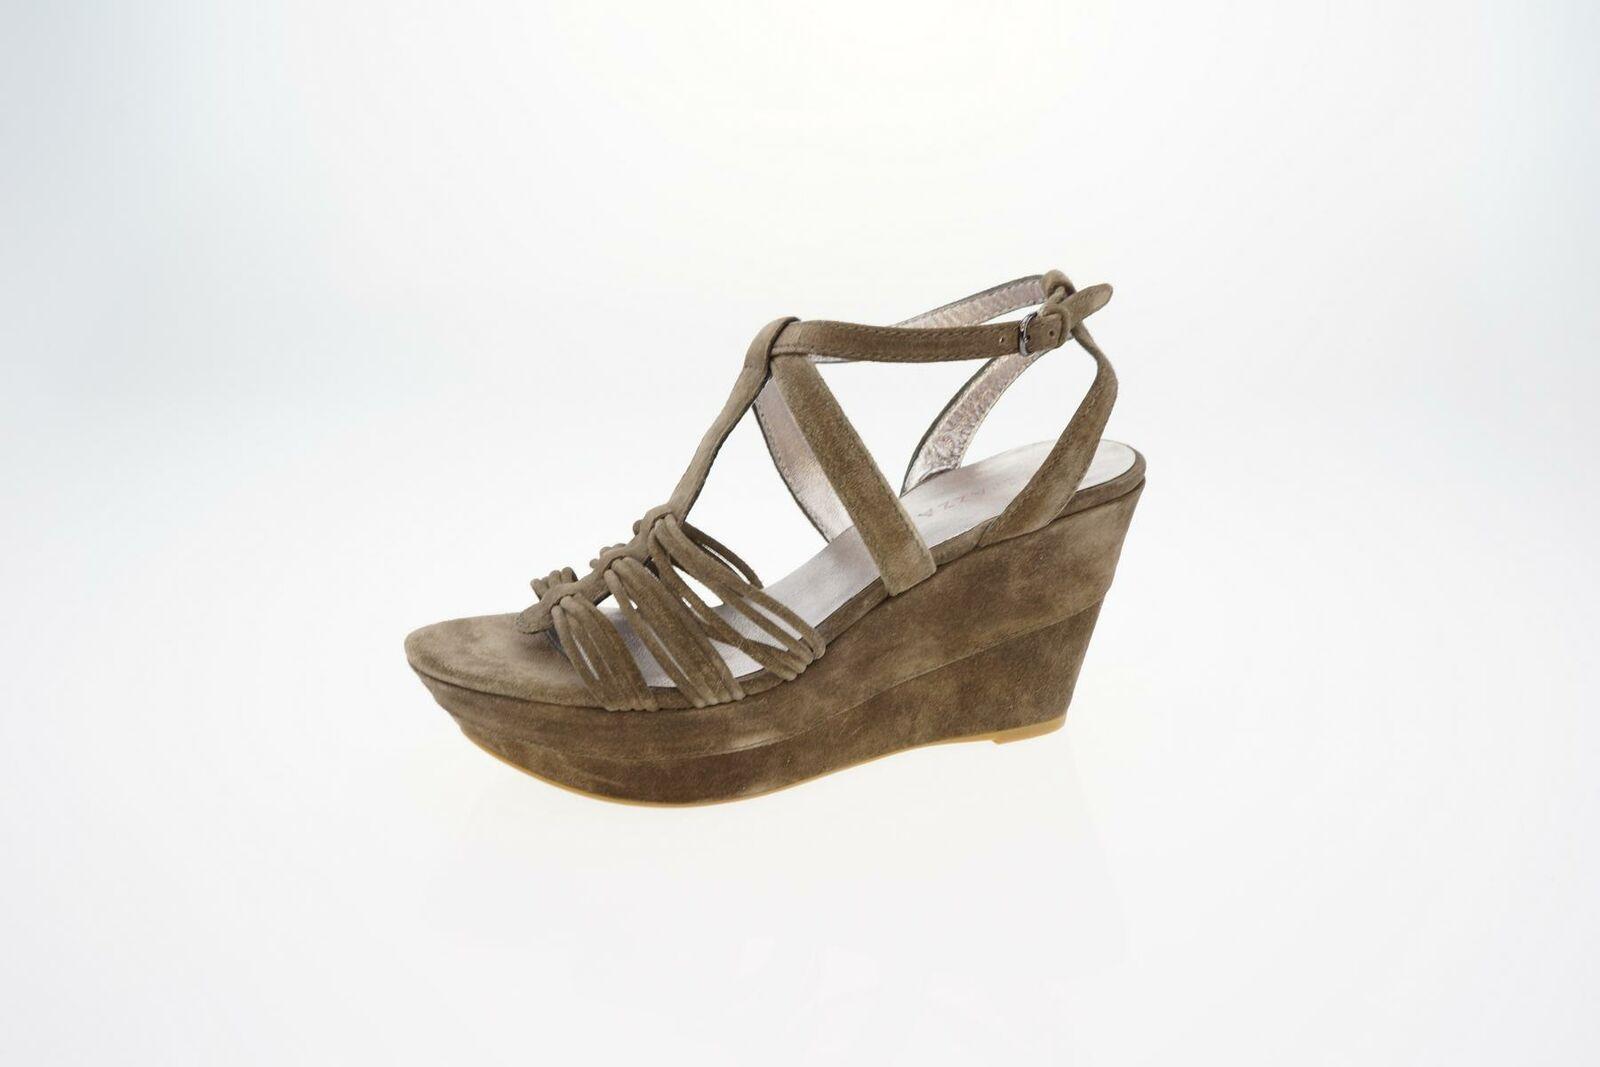 Apepazza Damen Schuhe Sandalen Delo Sajo Braun Gr. 40